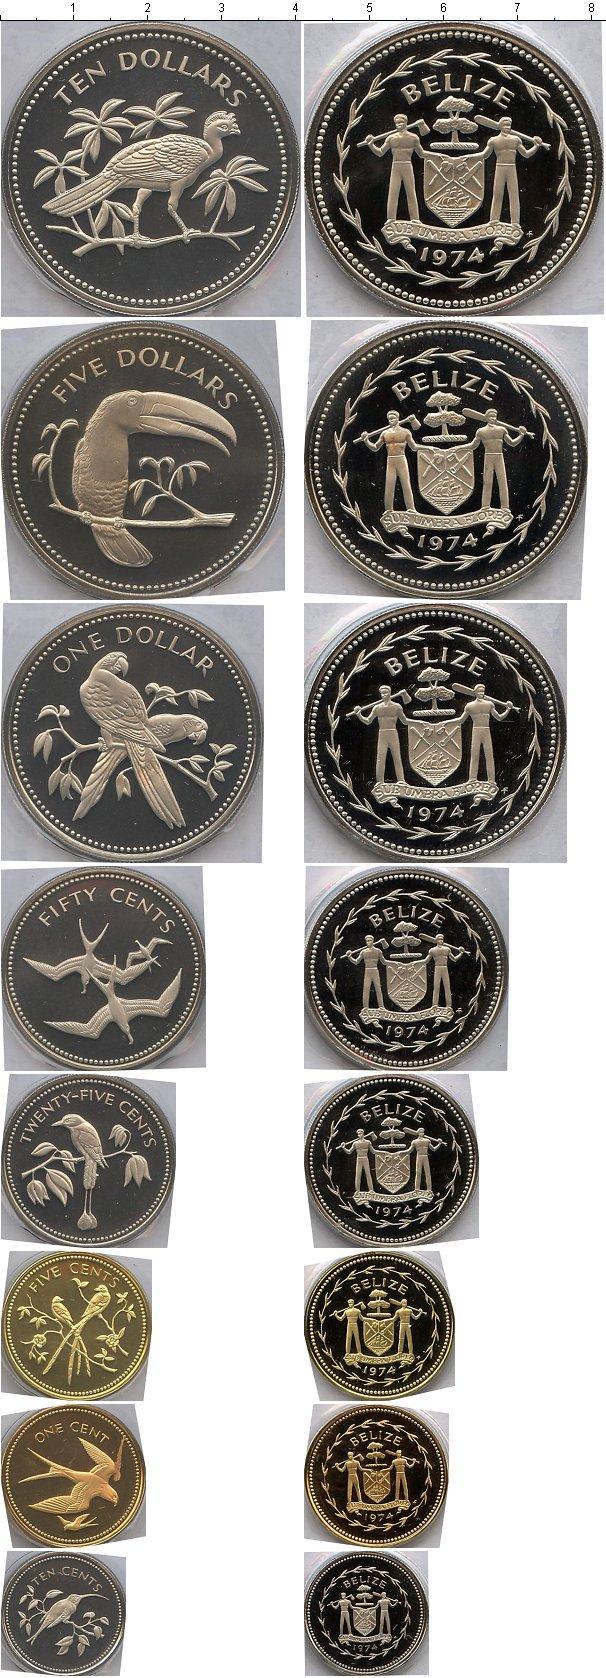 Каталог монет - Белиз Выпуск 1974 года